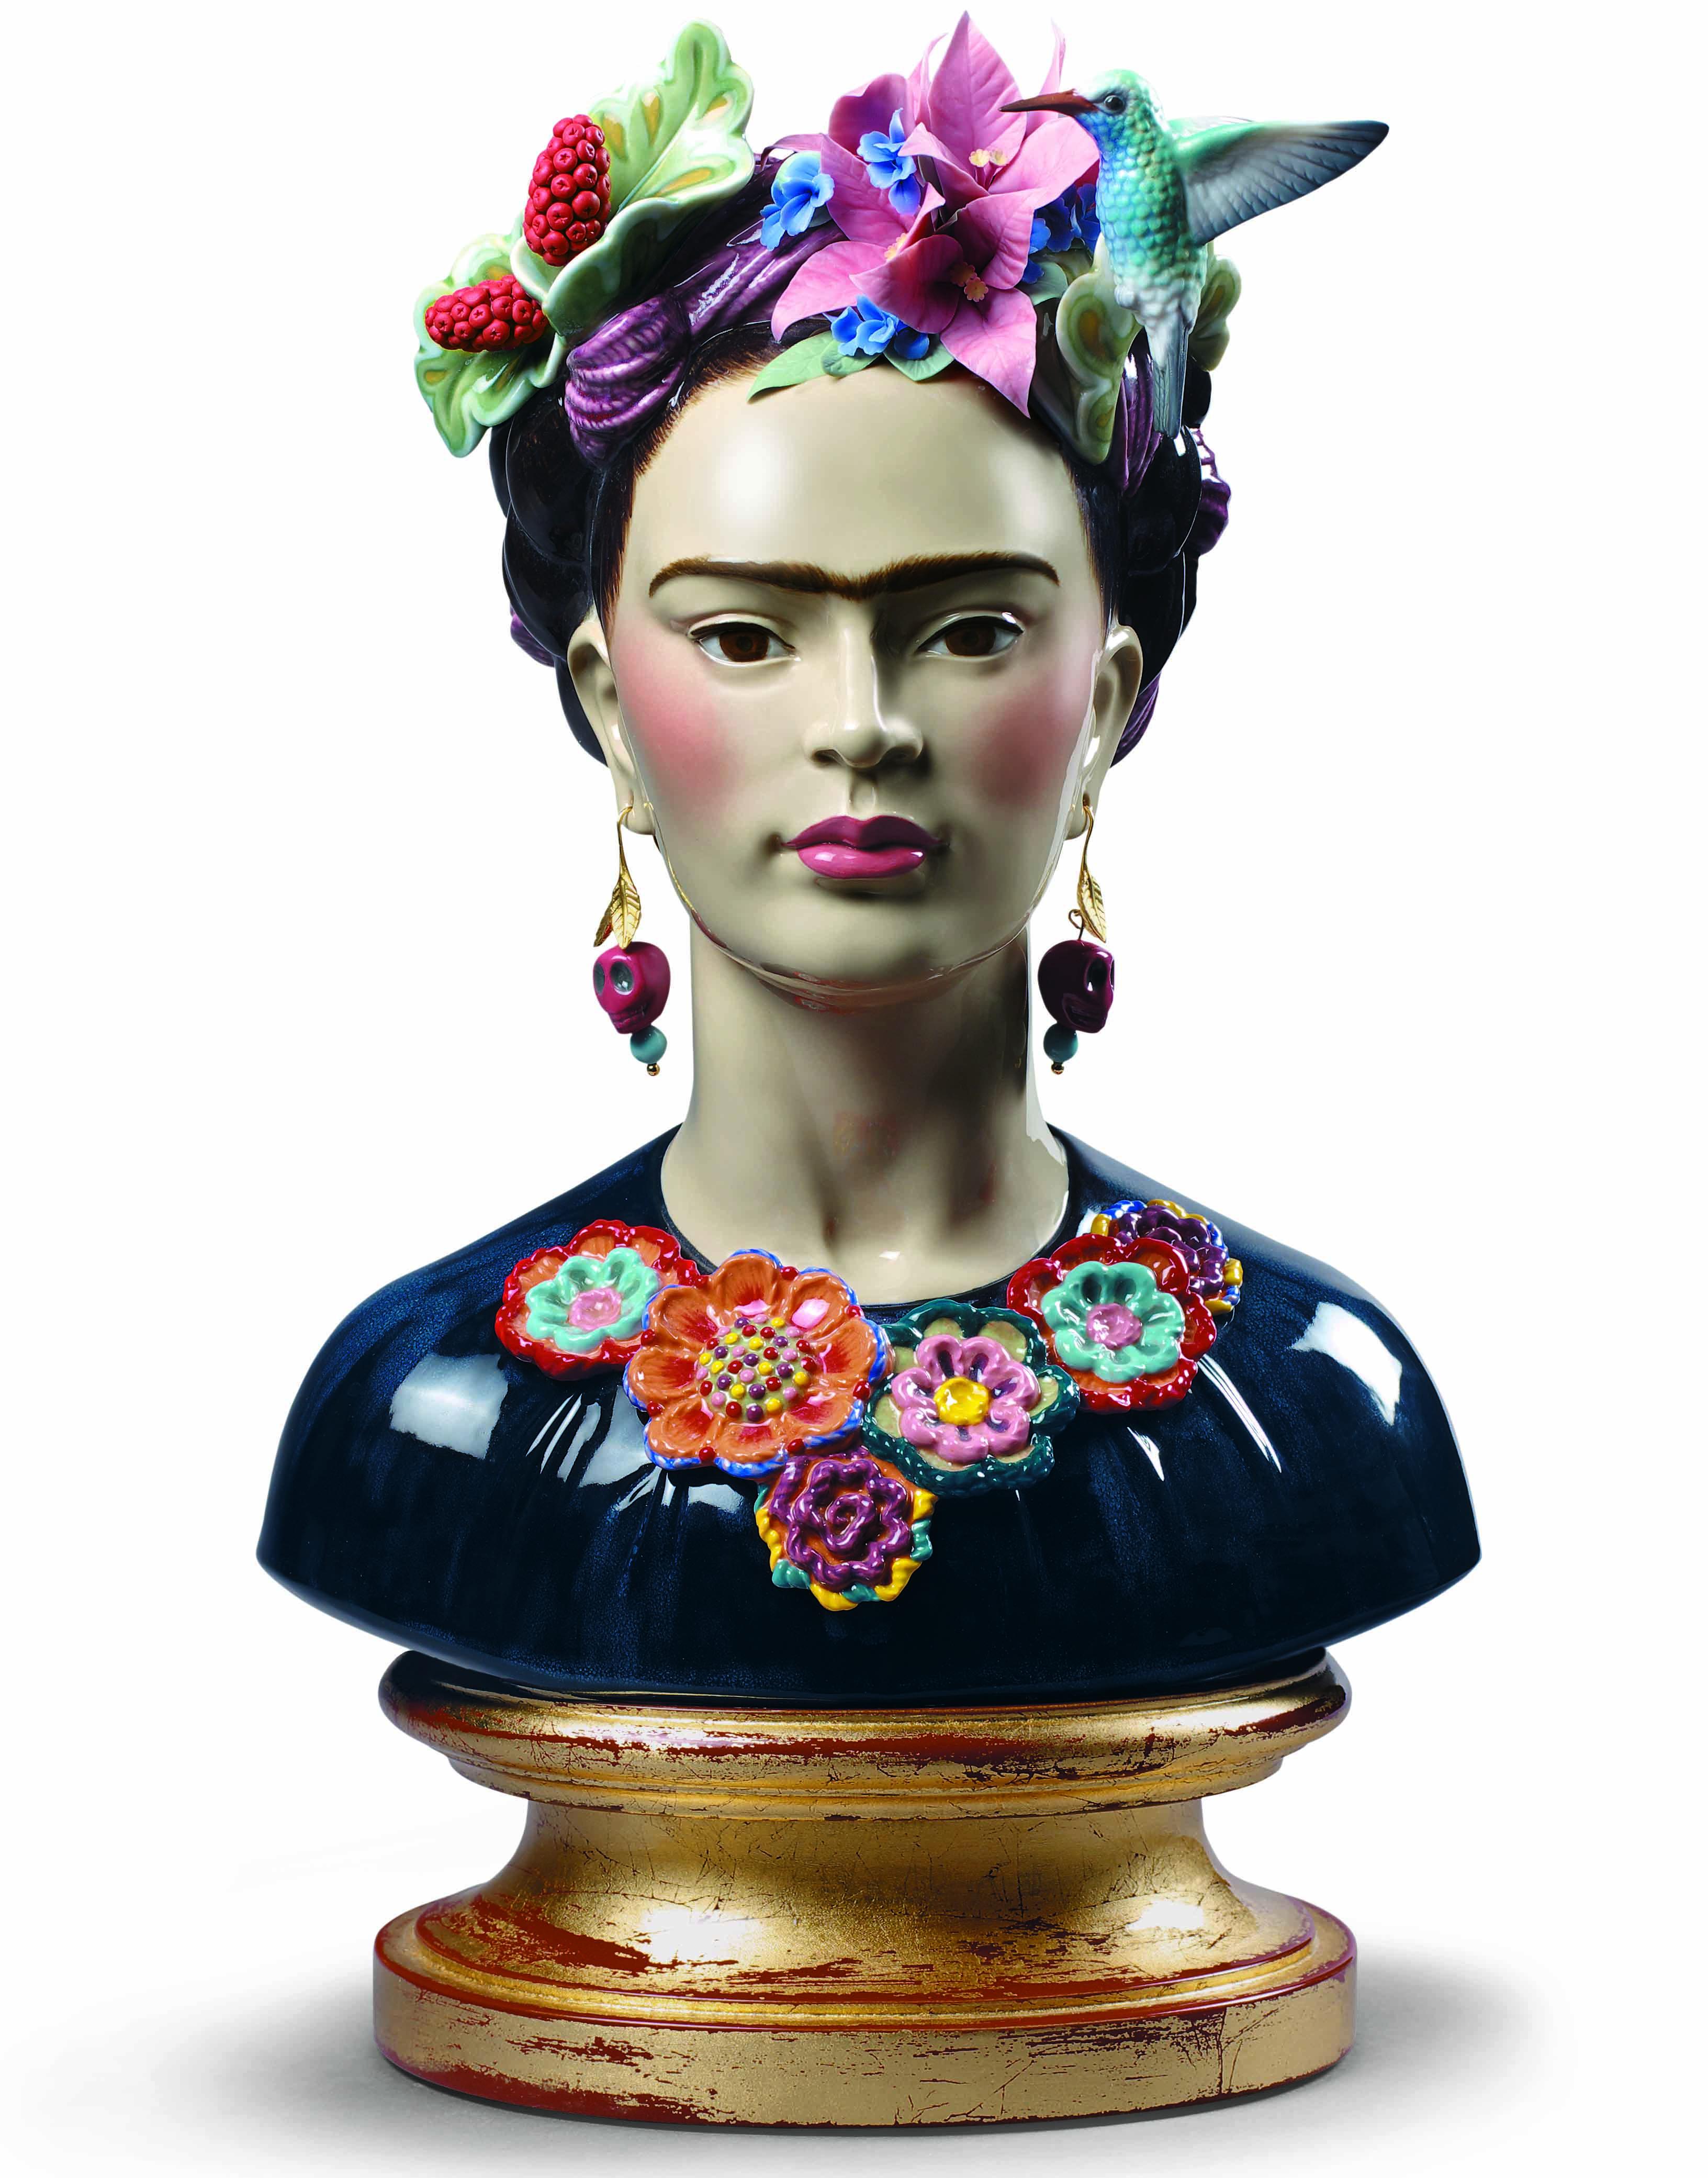 lladró How To Decorate A Sideboard With Lladró Porcelain lladro presenta frida kahlo una mirada a la mujer e icono mundial